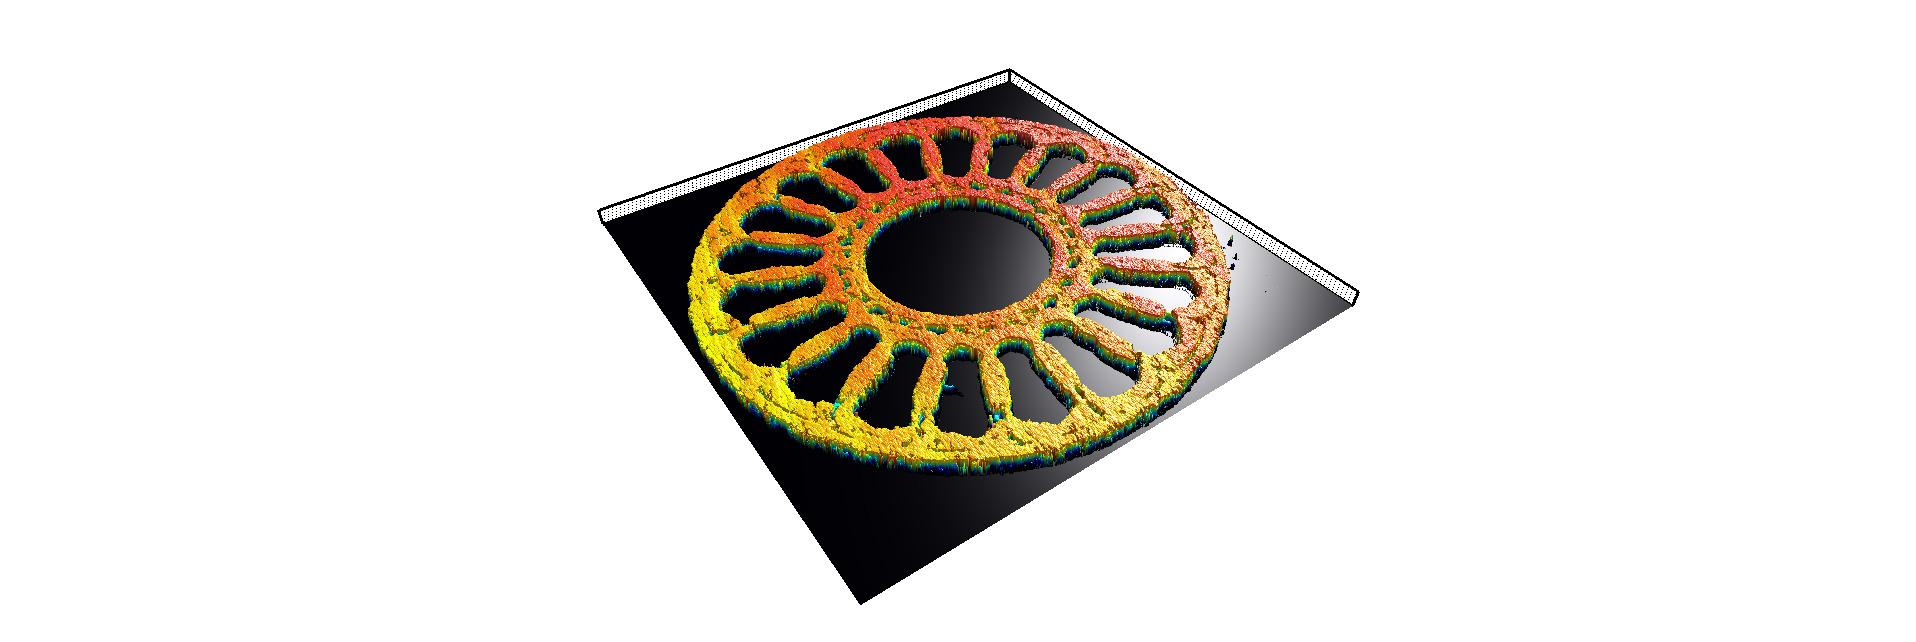 Bilder 1+2 | Mögliche Prozessfehler im 3D-Druck mit dem LPBF-Verfahren führen zu Topographieveränderungen und können mittels OCT gemessen werden. Oben: Topographie eines im 3D-Druck generierten Bauteils (u.) das Originalteil. (Bilder: Precitec-Optronik GmbH)